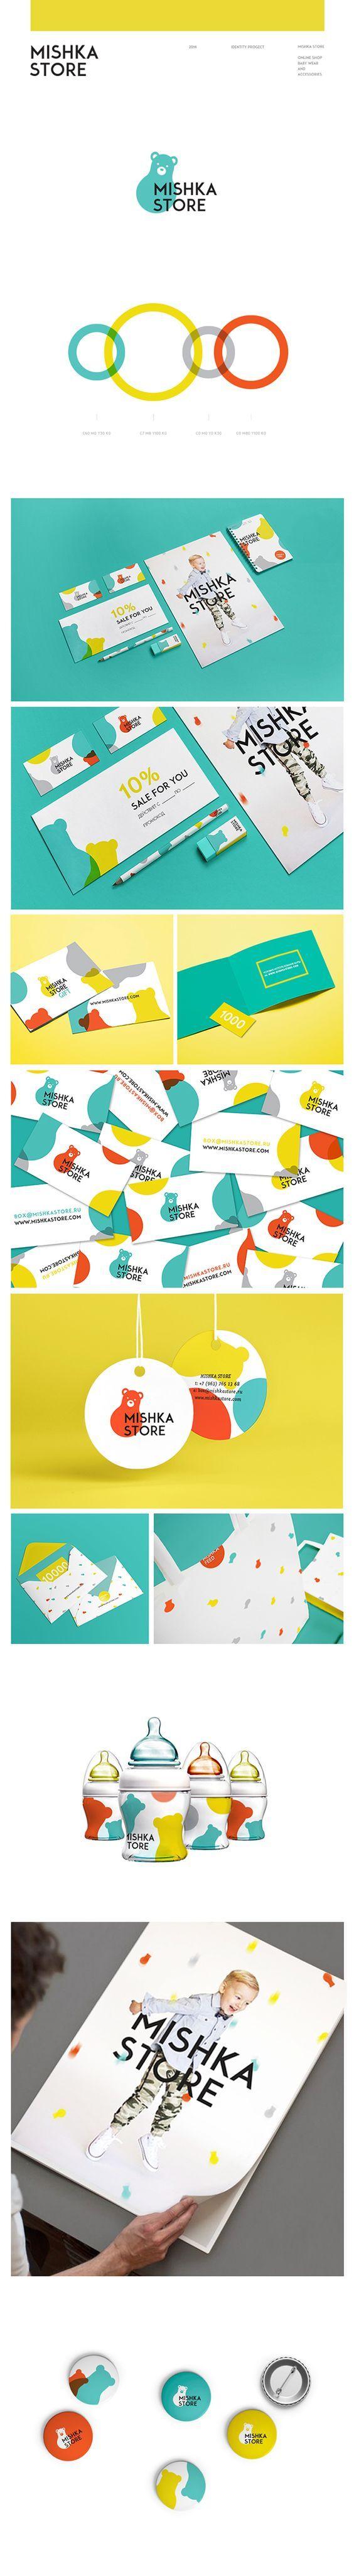 Mishka Store Branding on Behance | Fivestar Branding – Design and Branding Agency & Inspiration Gallery